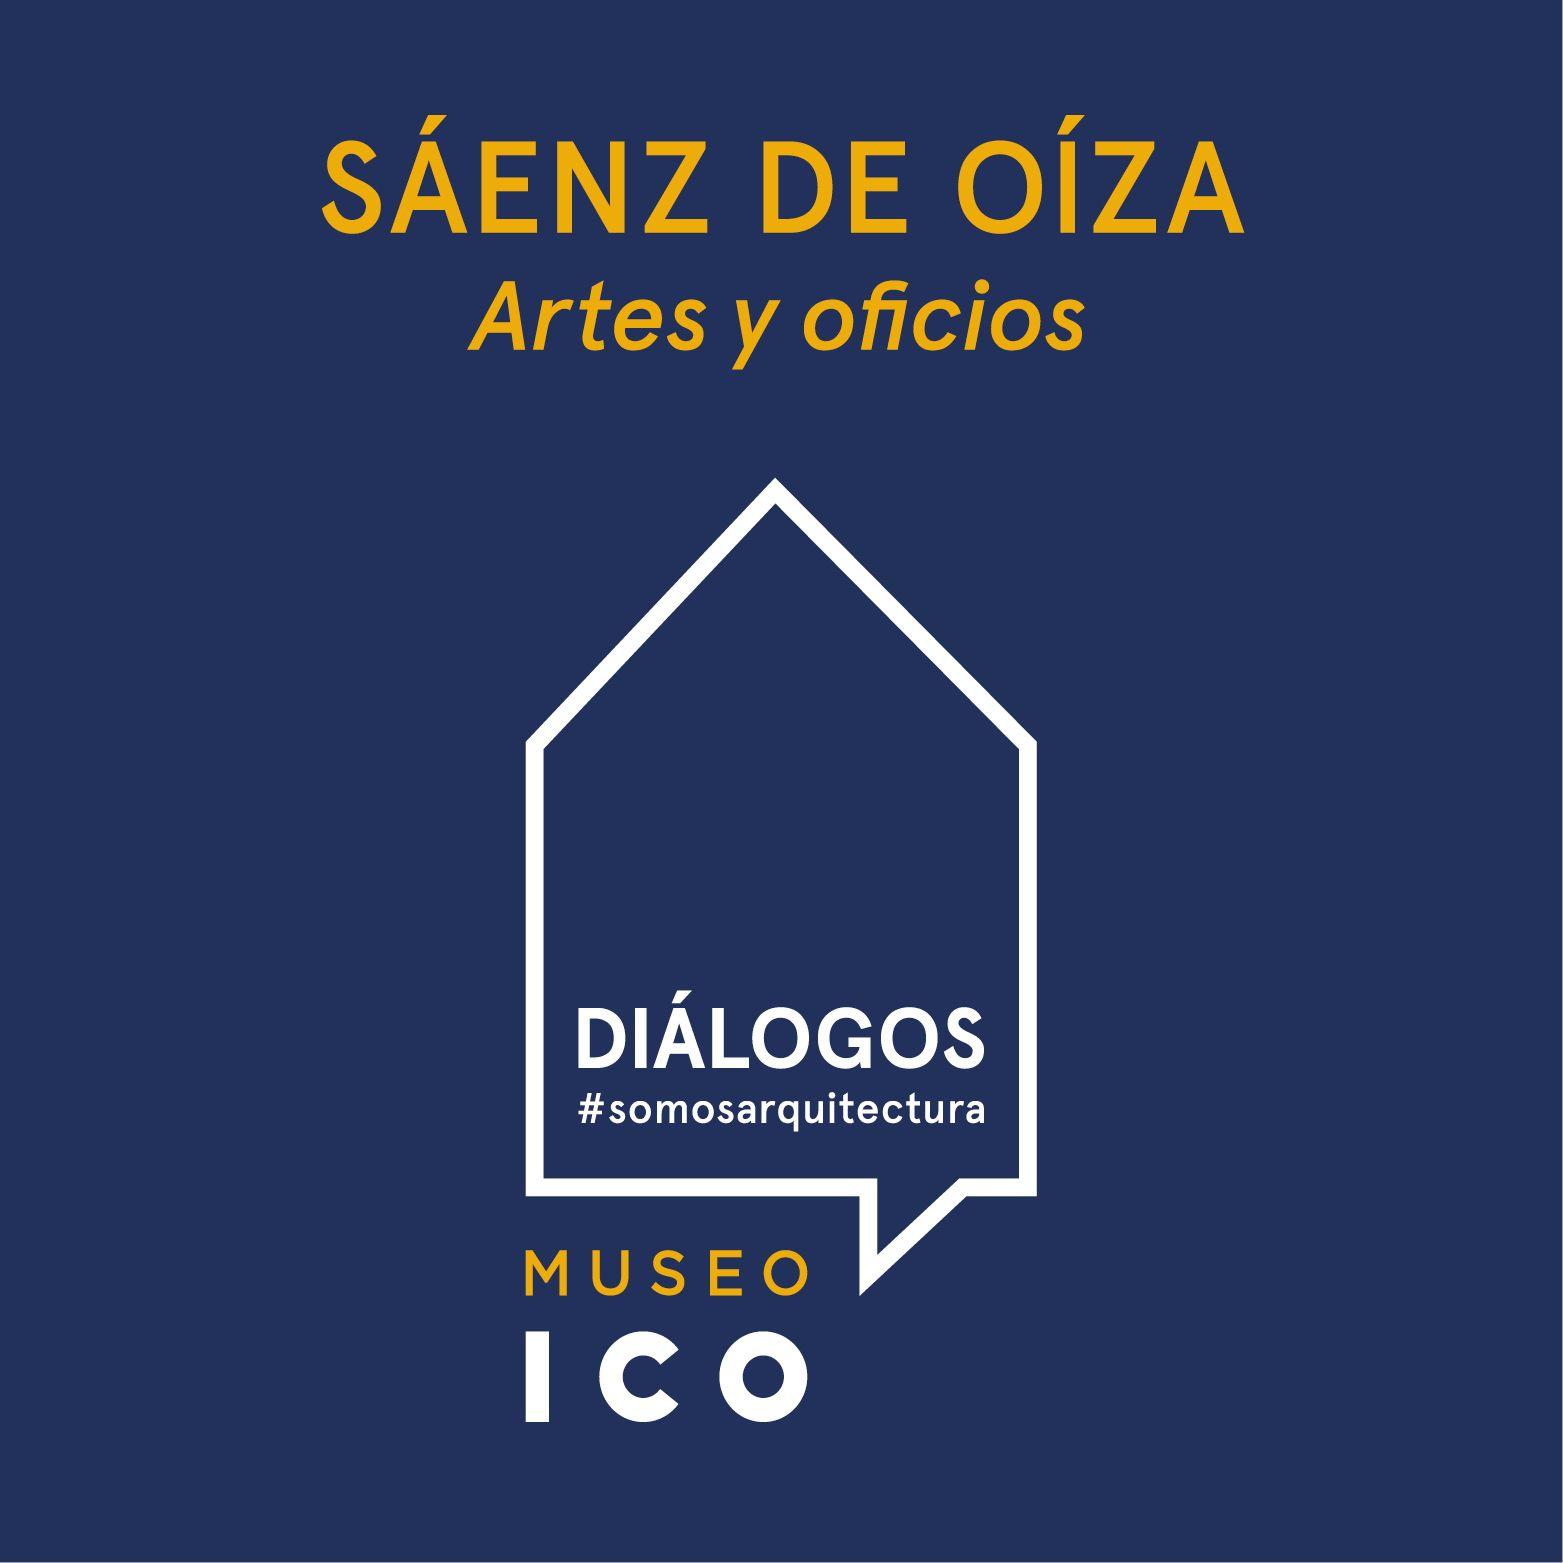 El Museo ICO pone en marcha la iniciativa #DiálogosSomosArquitectura para acercar la obra de Sáenz de Oíza